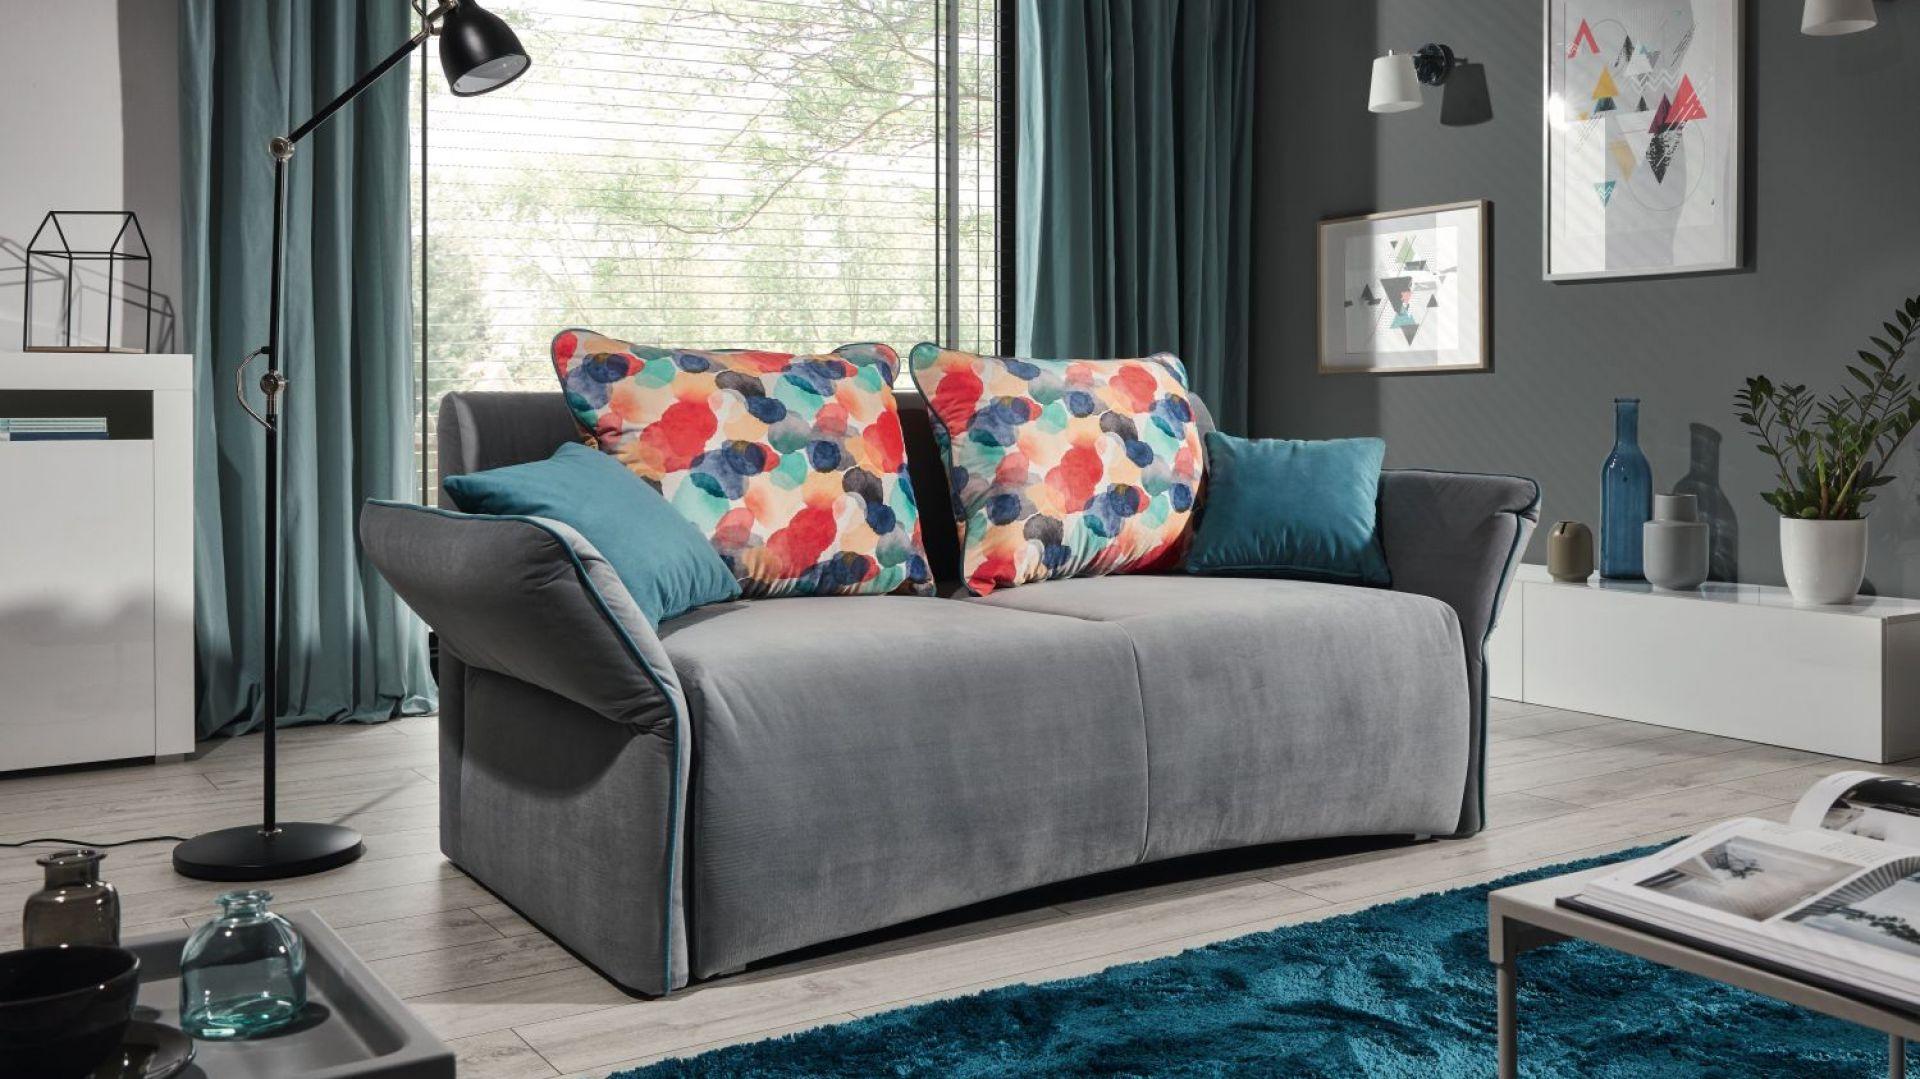 Sofa Vario z funkcją spania; szer. 175 cm; powierzchnia spania 150x200 cm.  Fot. Stagra